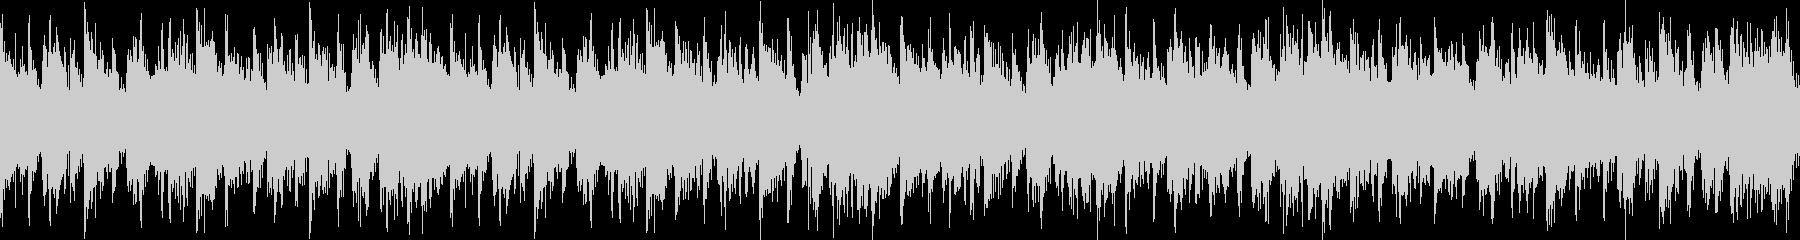 急き立てるシリアスなシンセとアコギの曲の未再生の波形